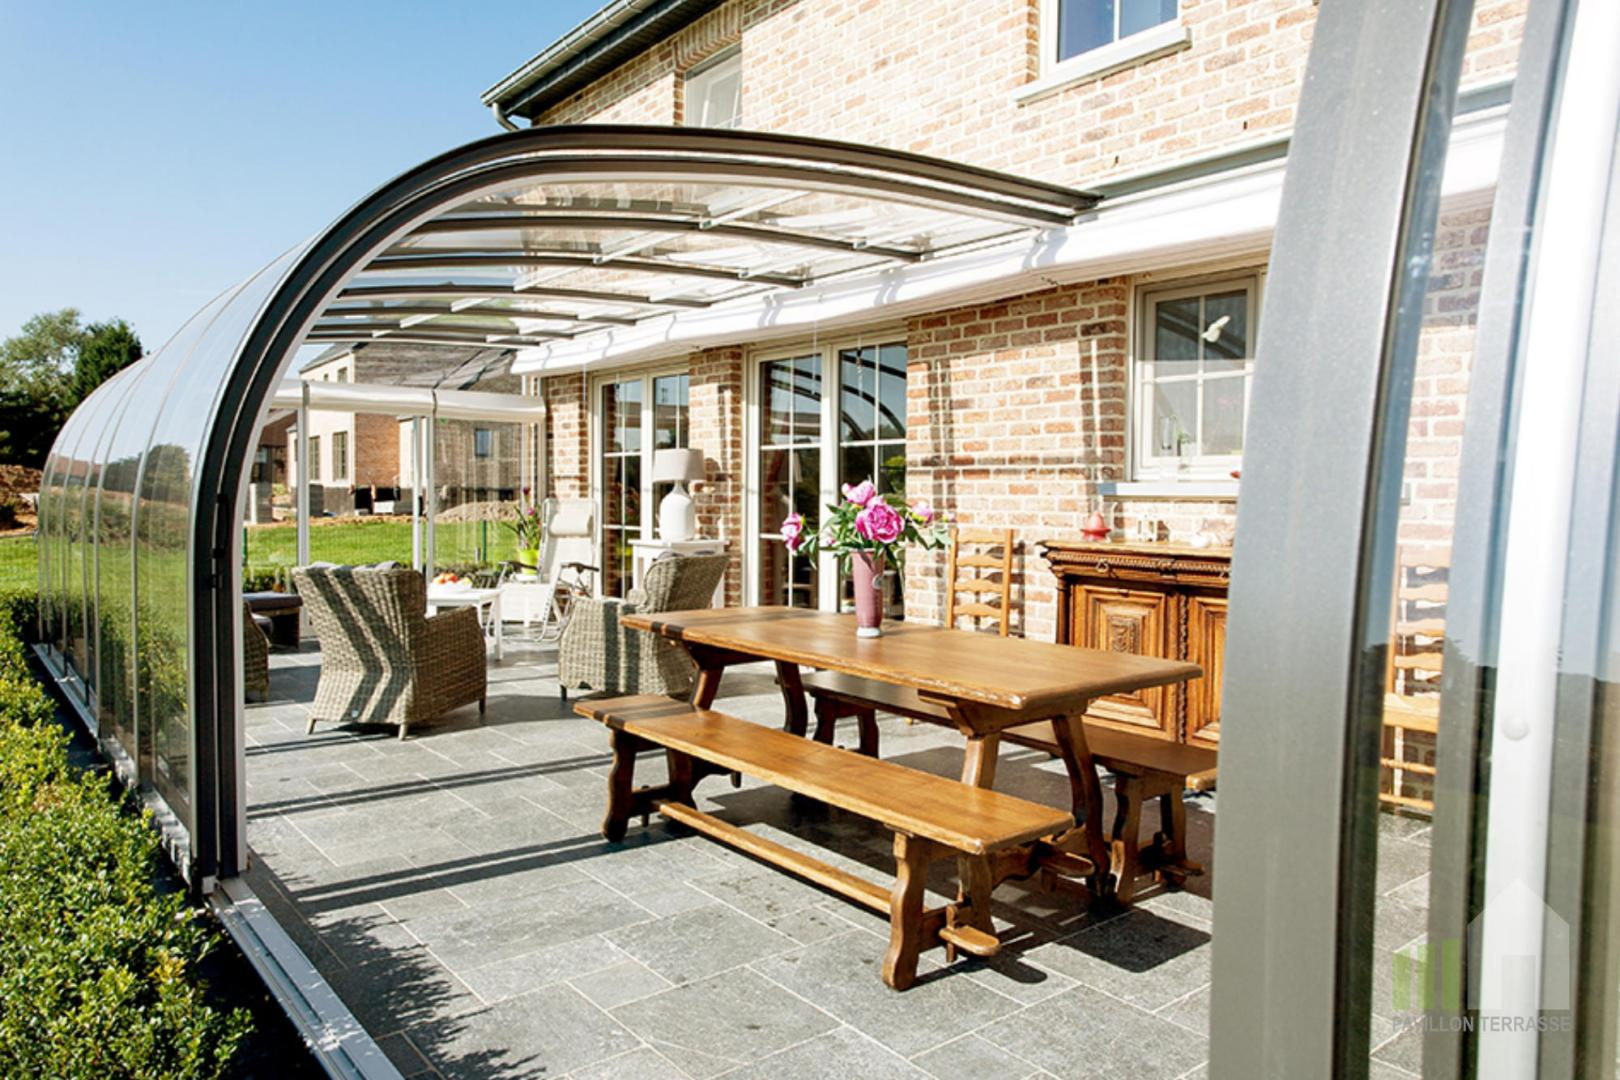 Abris terrasse pavillon i solar v randa coulissante mobile for Couvre plancher pour patio exterieur